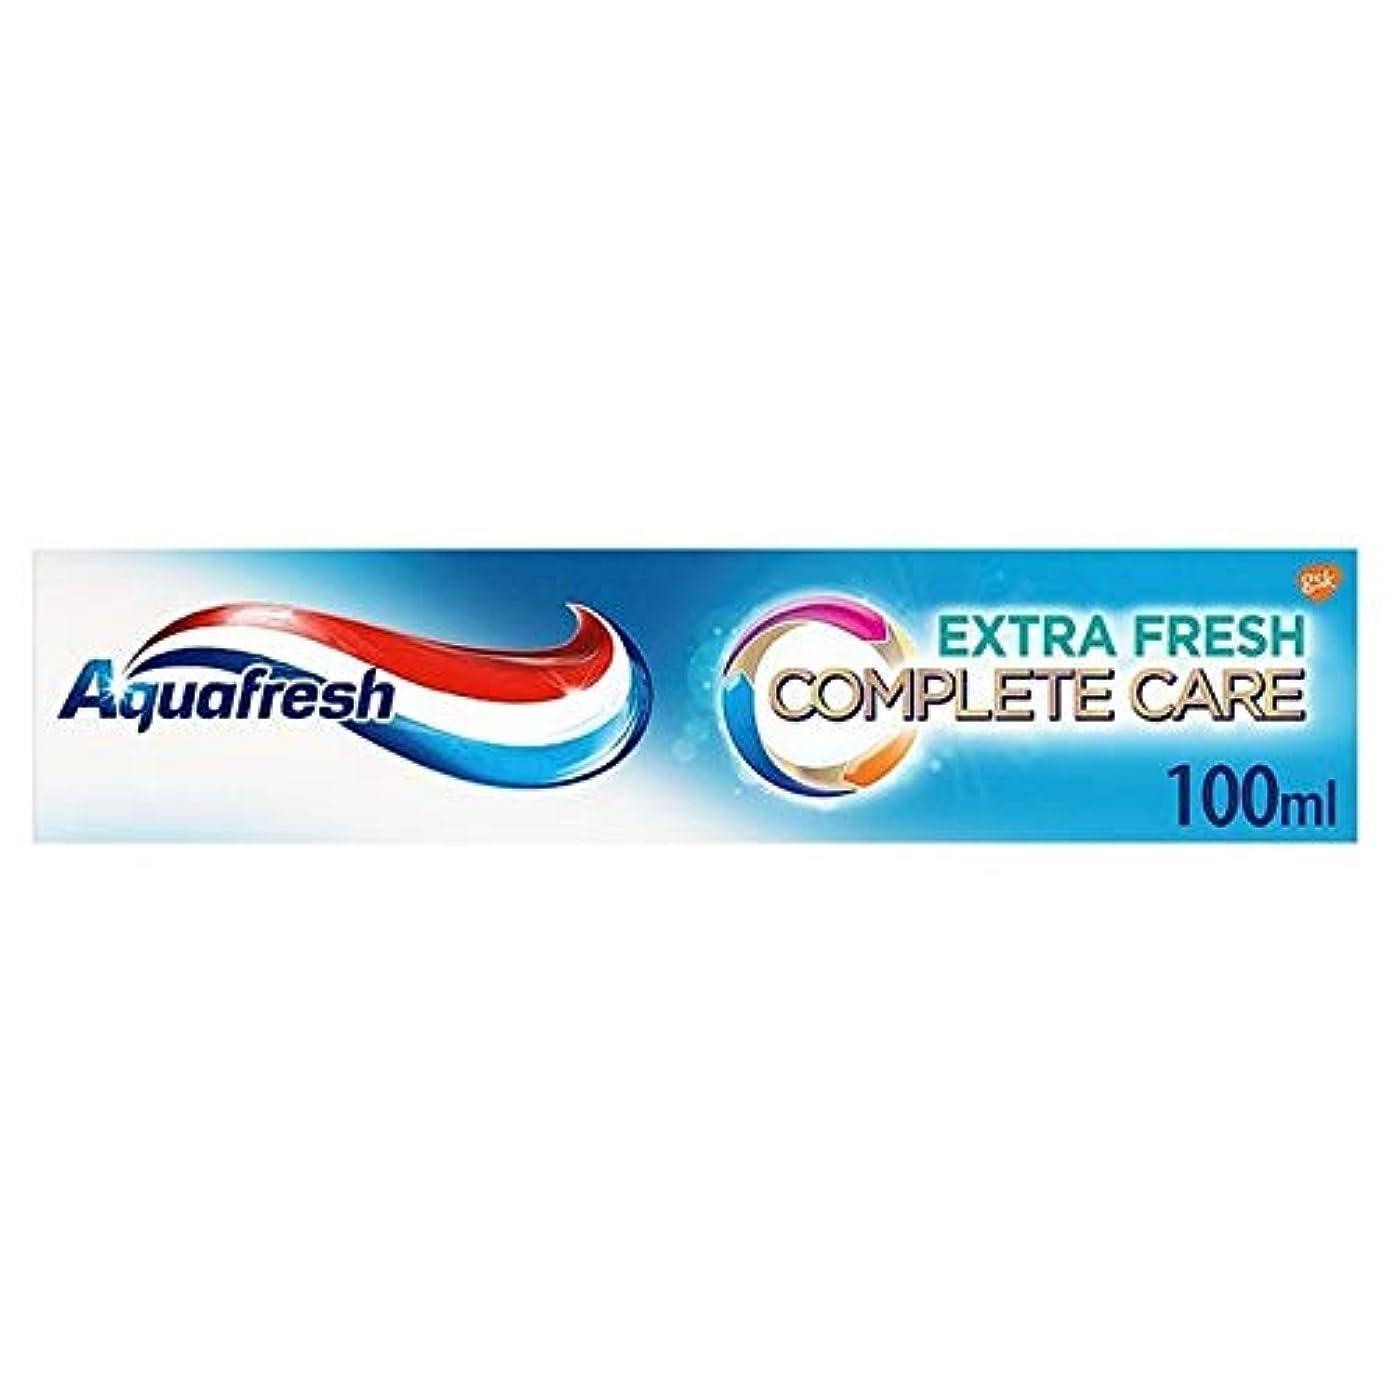 雪だるまを作るゲストバズ[Aquafresh ] アクアフレッシュ完全なケアの余分な新鮮な歯磨き粉の100ミリリットル - Aquafresh Complete Care Extra Fresh Toothpaste 100ml [並行輸入品]